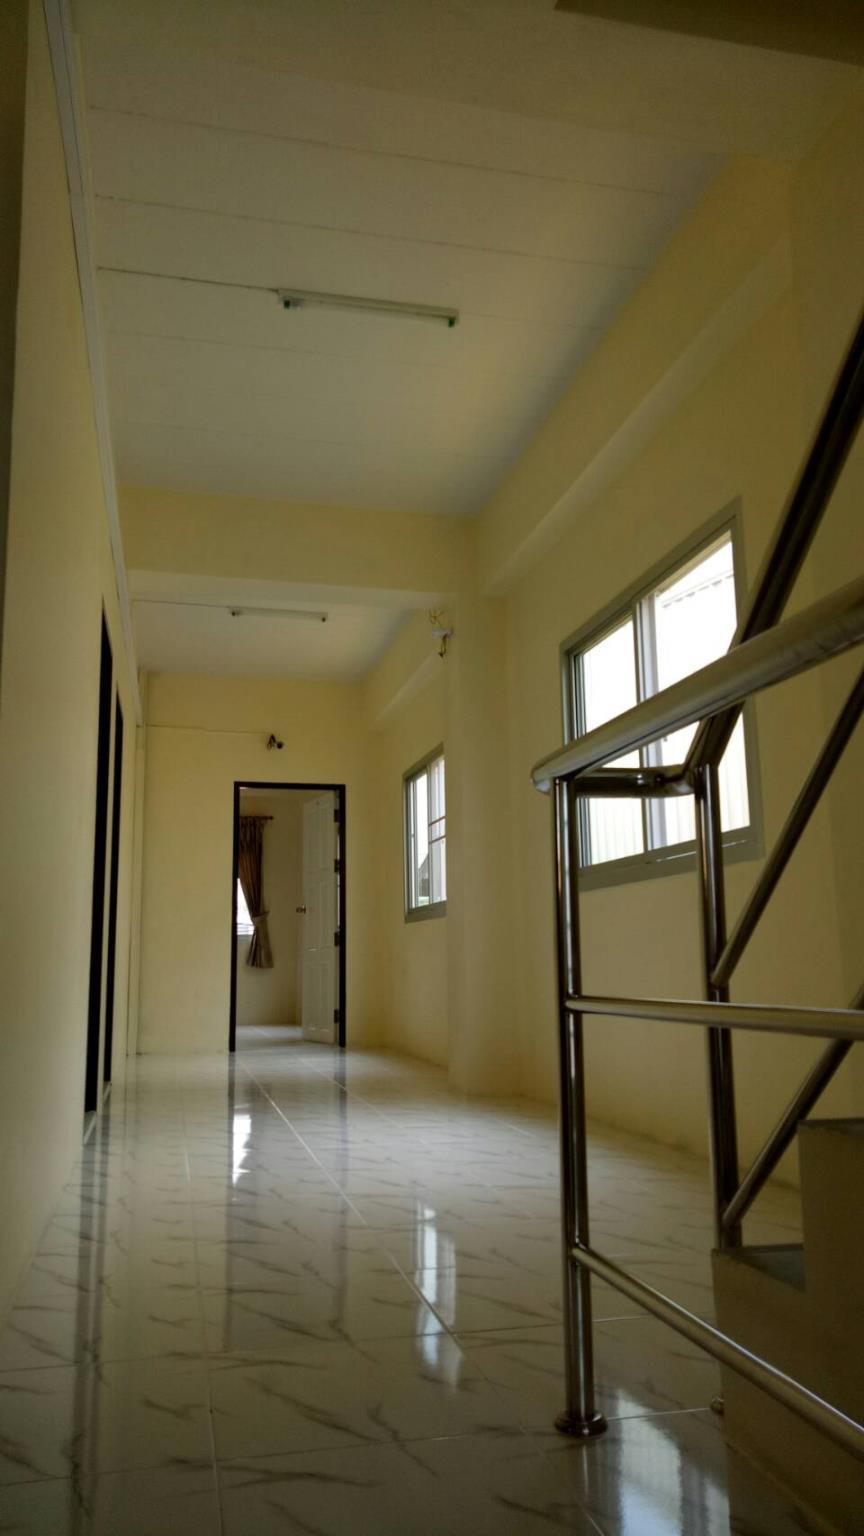 427 Apartment